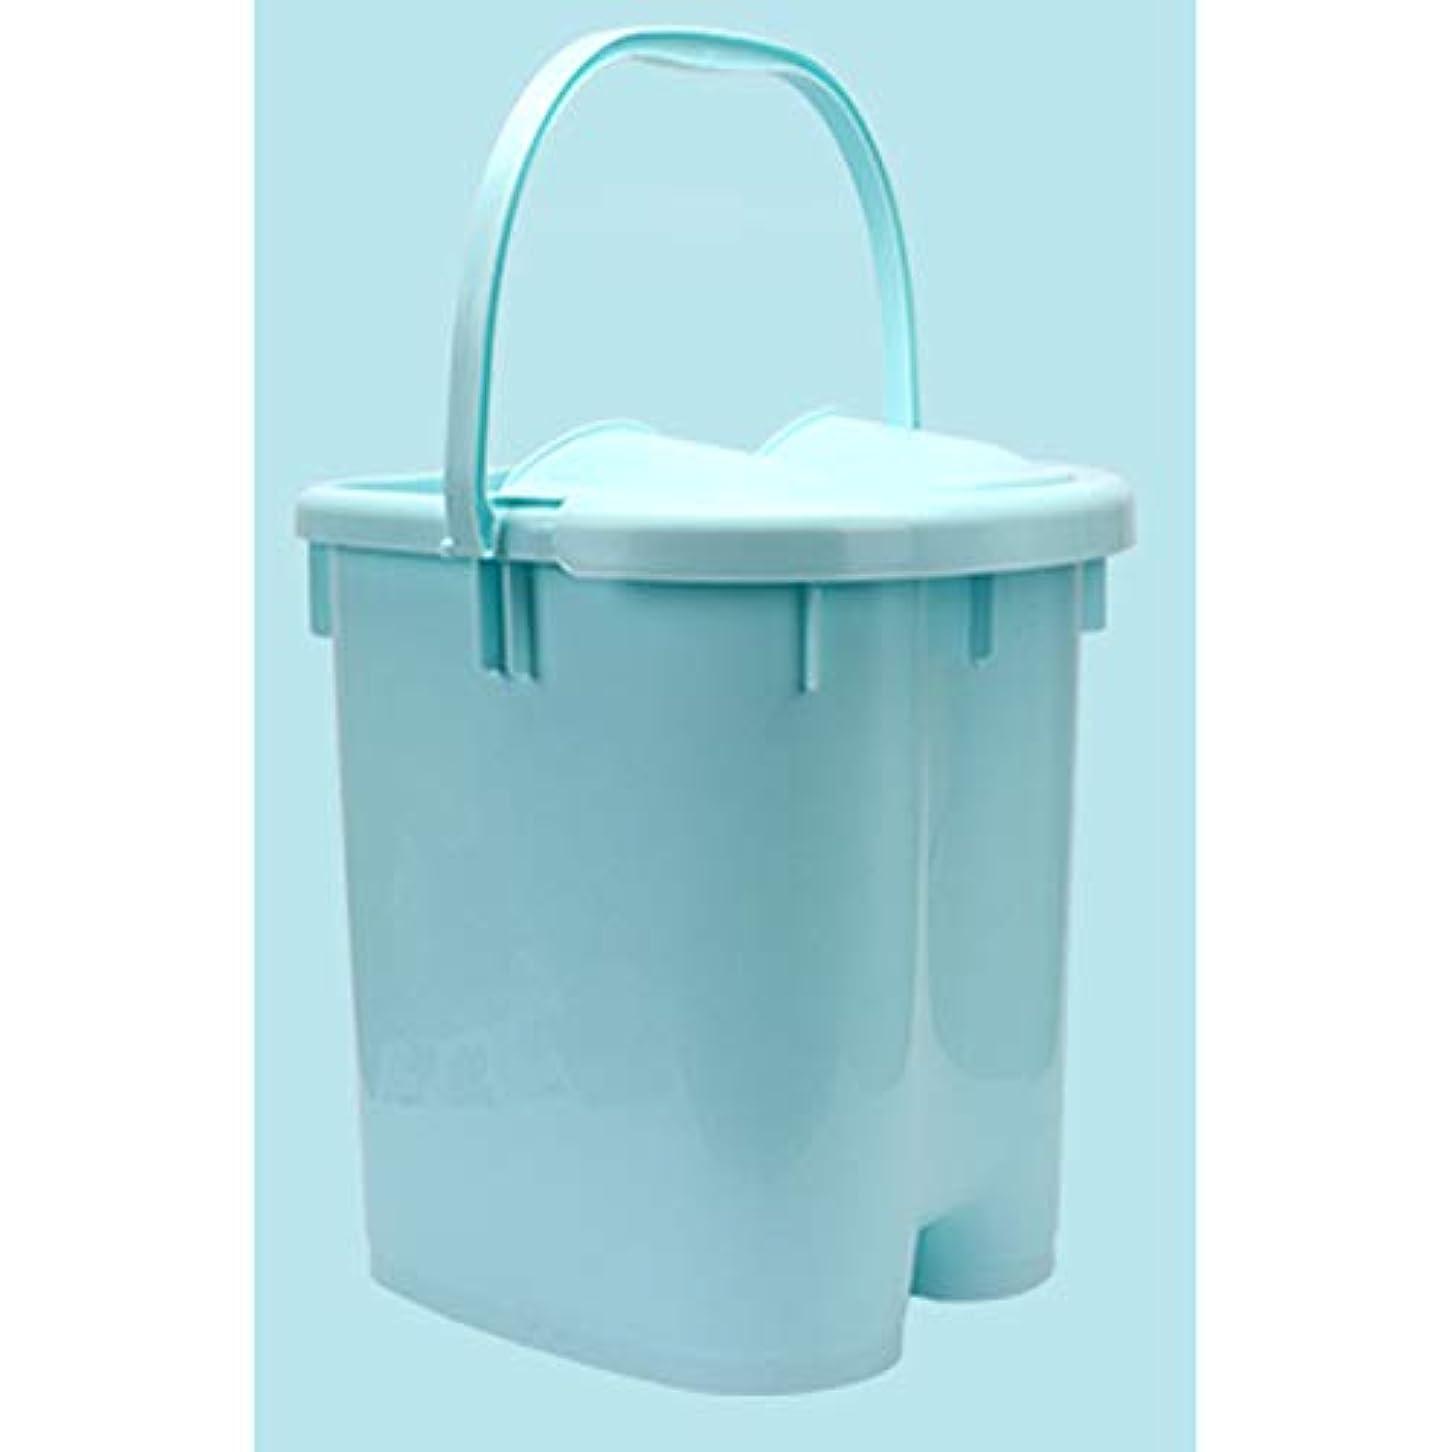 避けるしたい飢えたAkagi 足湯 フットバス 保温フットバス バブルフットバス マッサージ 温水洗濯機 頭寒足熱対策 リラックス